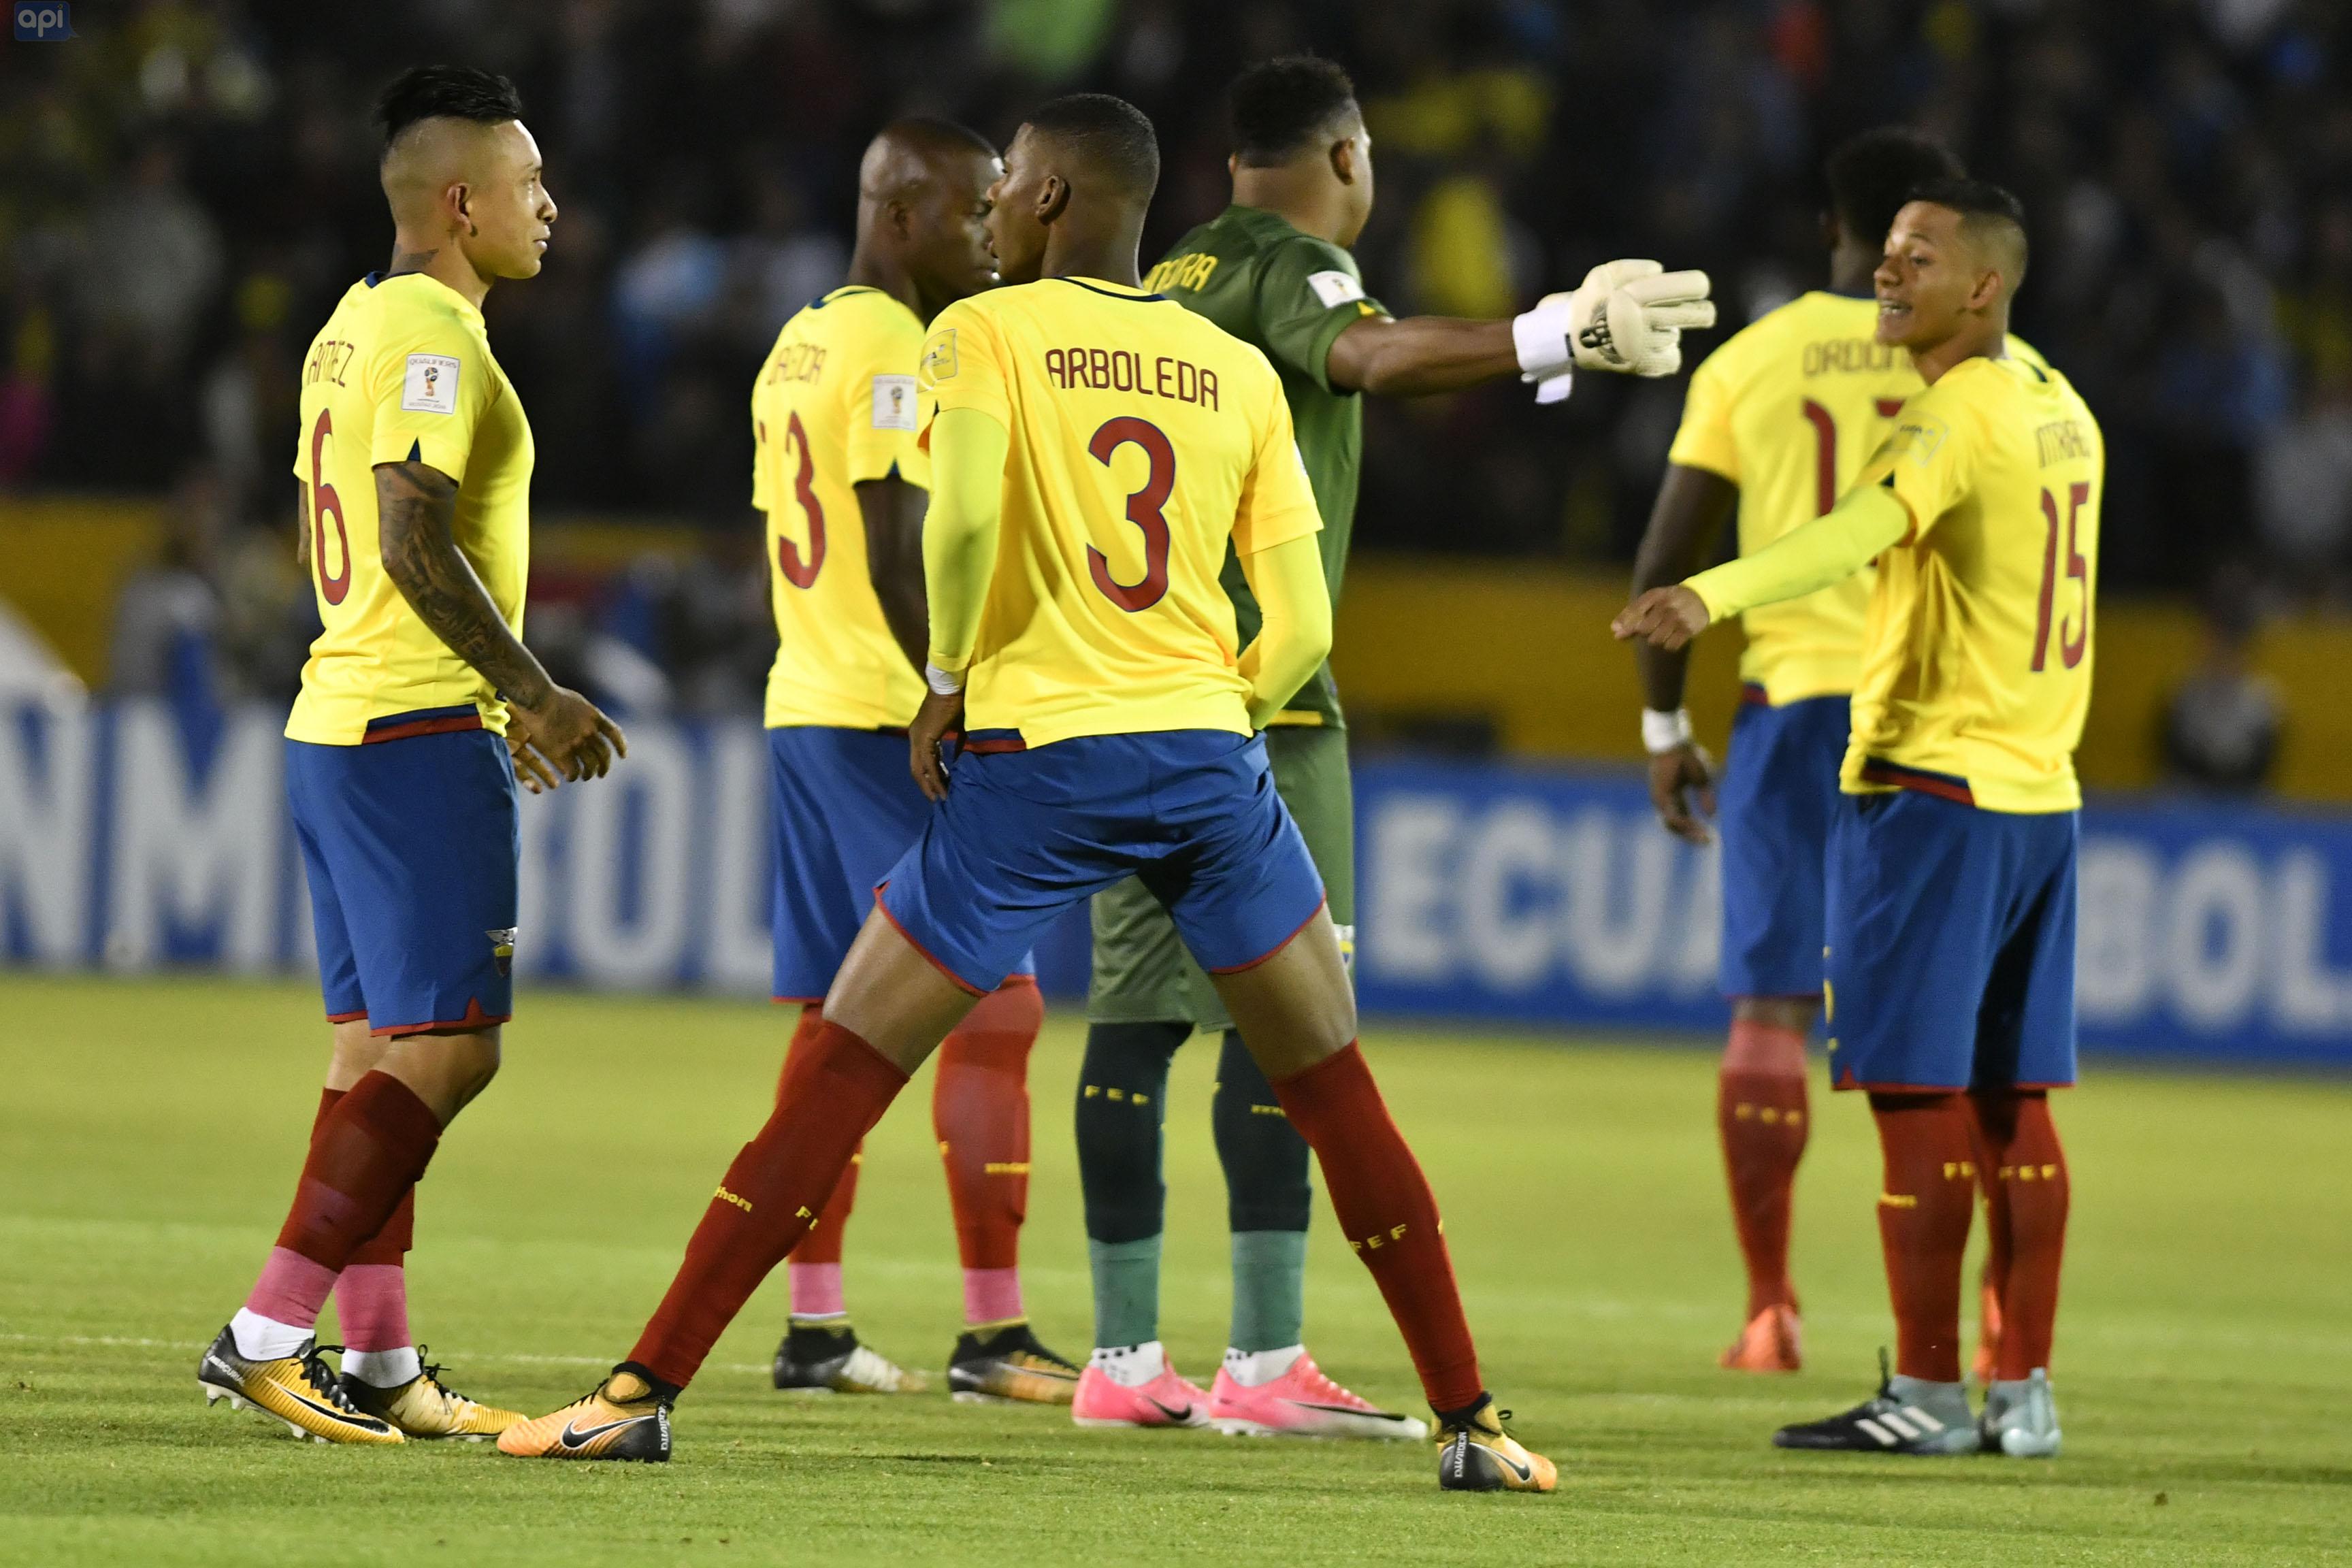 El equipo dirigido por el 'Bolillo' Gómez jugará su tercer amistoso, tras las victorias frente a Jamaica y Guatemala